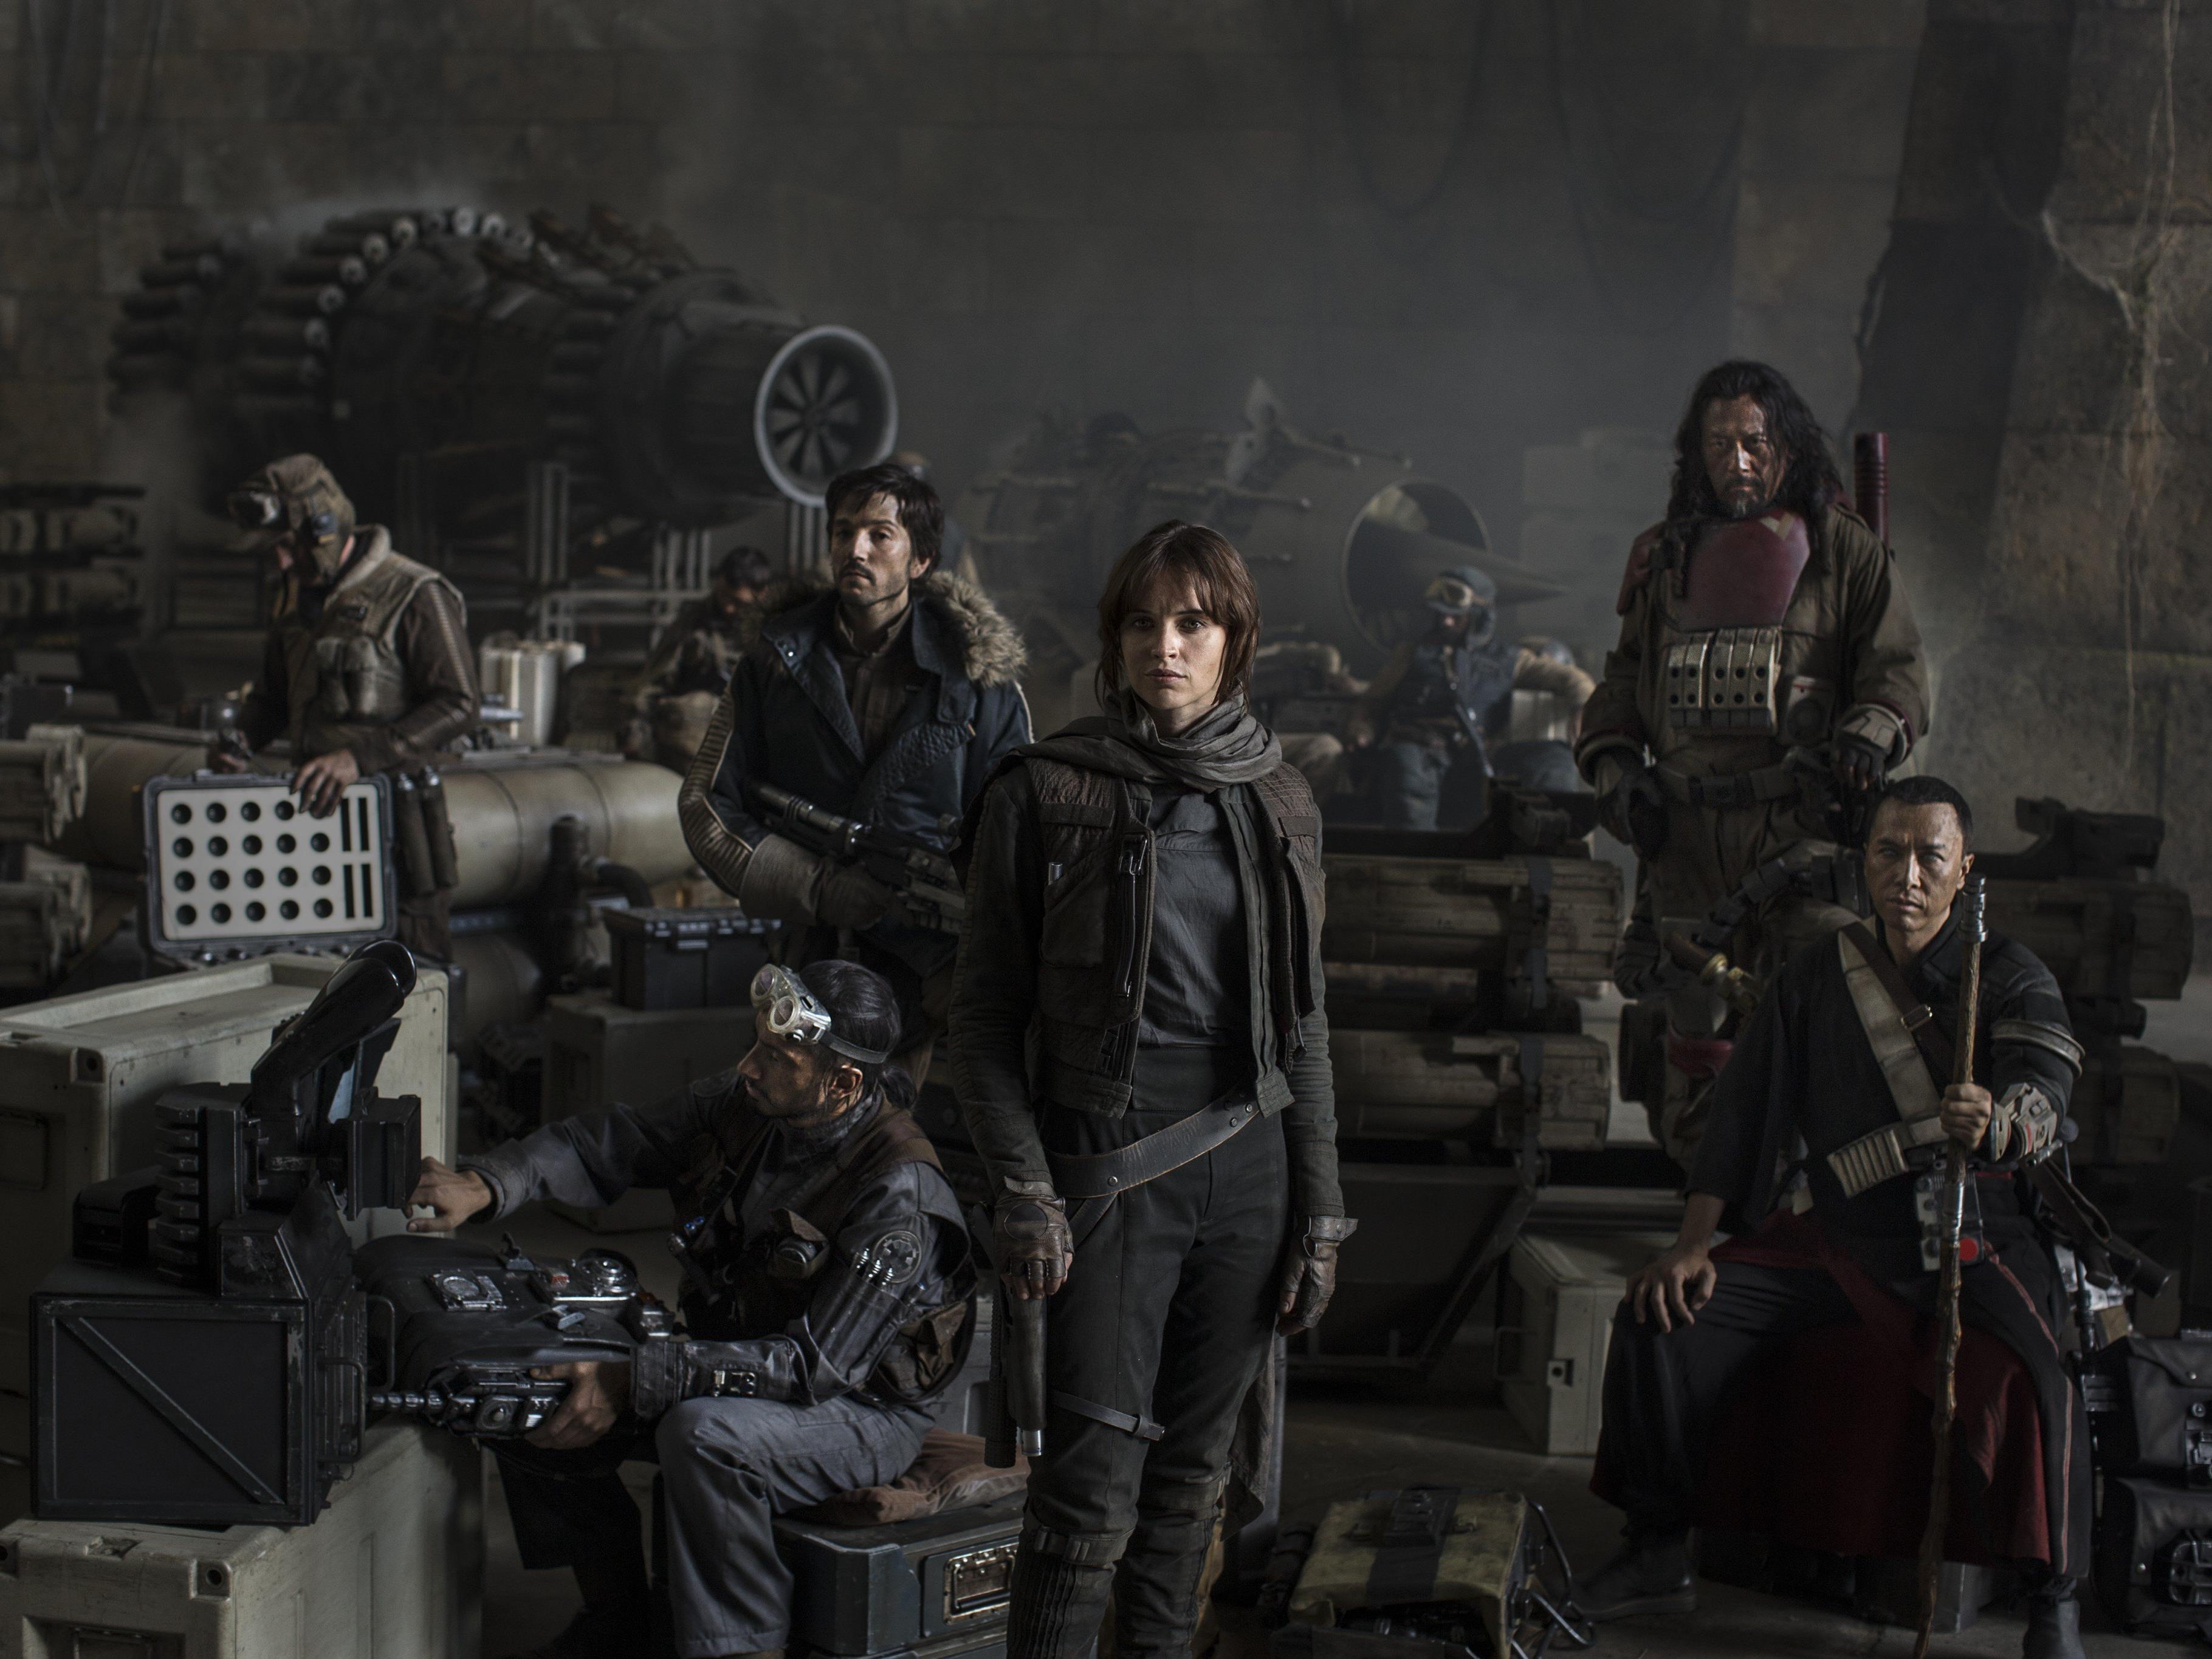 """Am 15. Dezember kommt """"Rogue One"""" in die heimischen Kinos"""